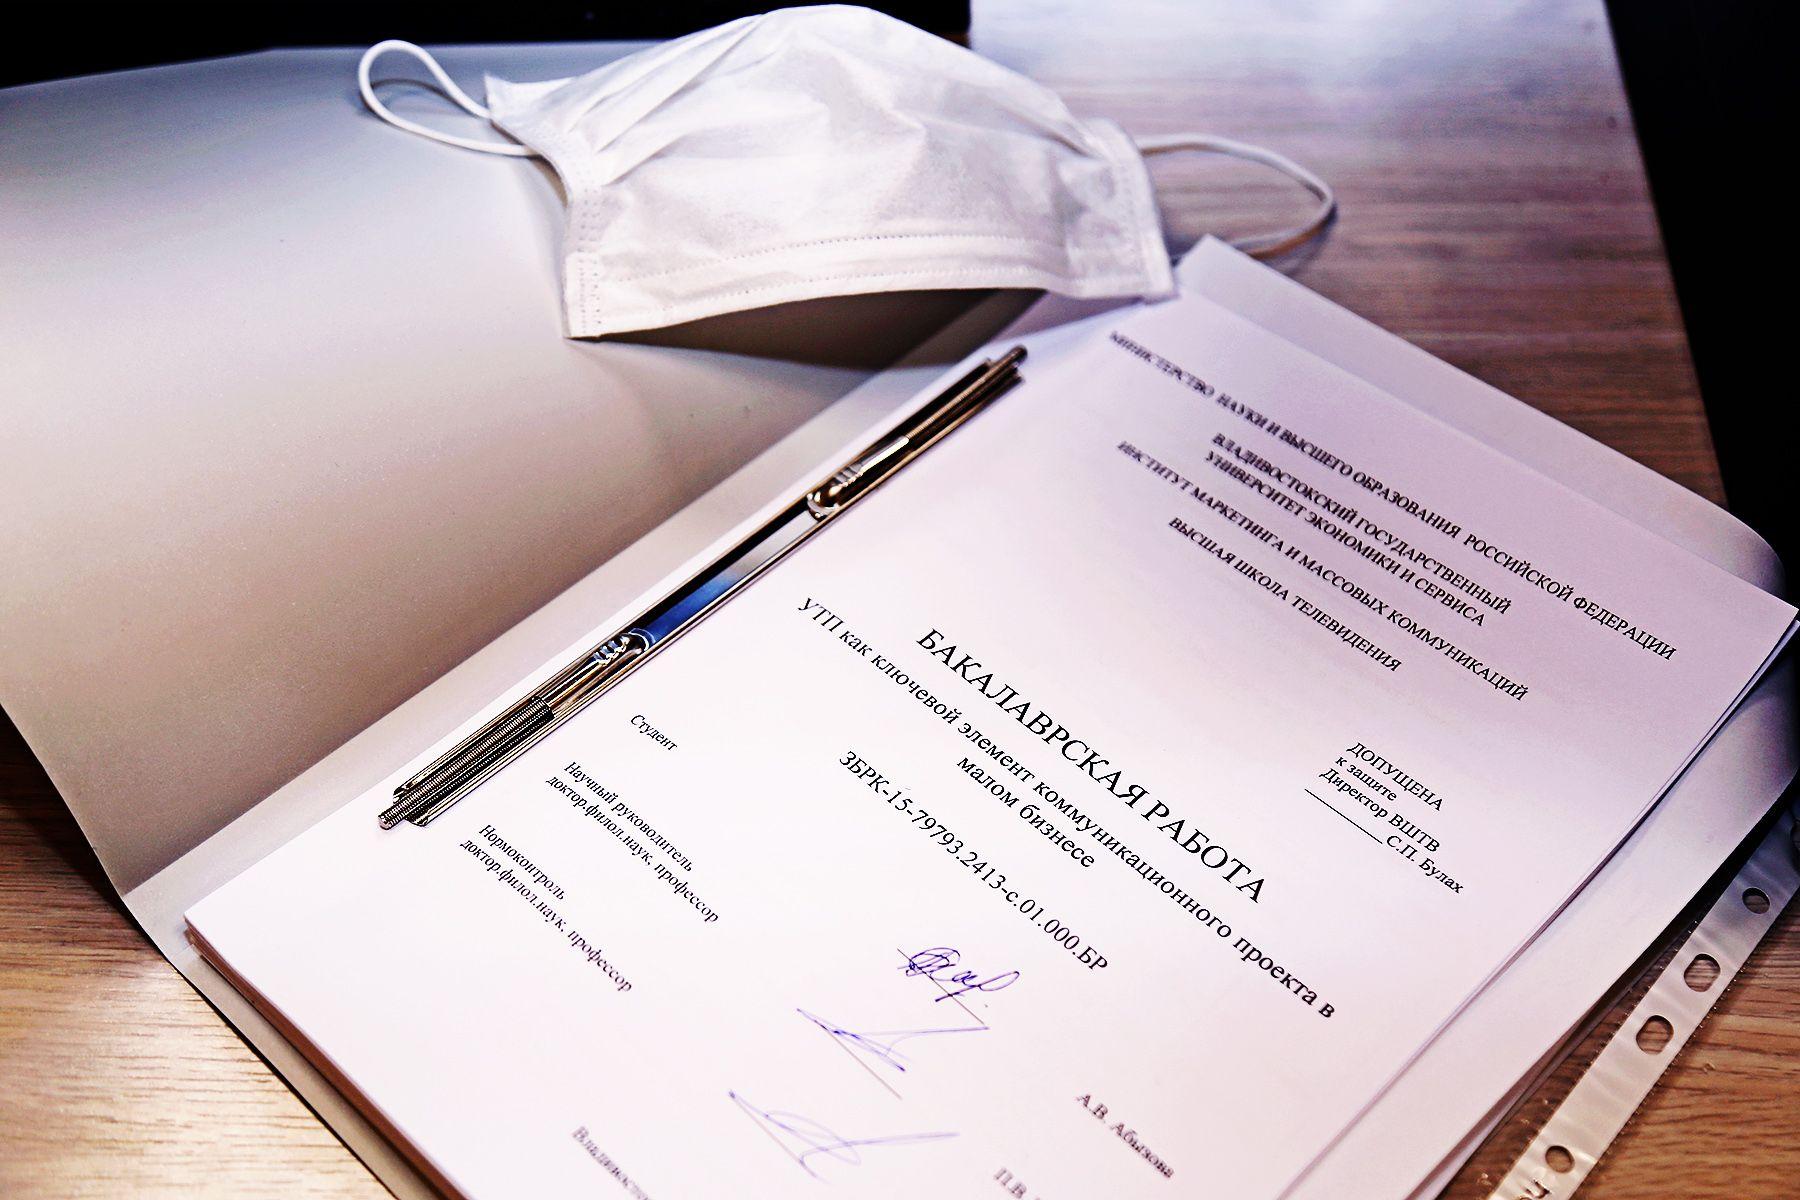 Защита выпускных квалификационных работ во ВГУЭС пройдет в соответствии с календарным учебным графиком